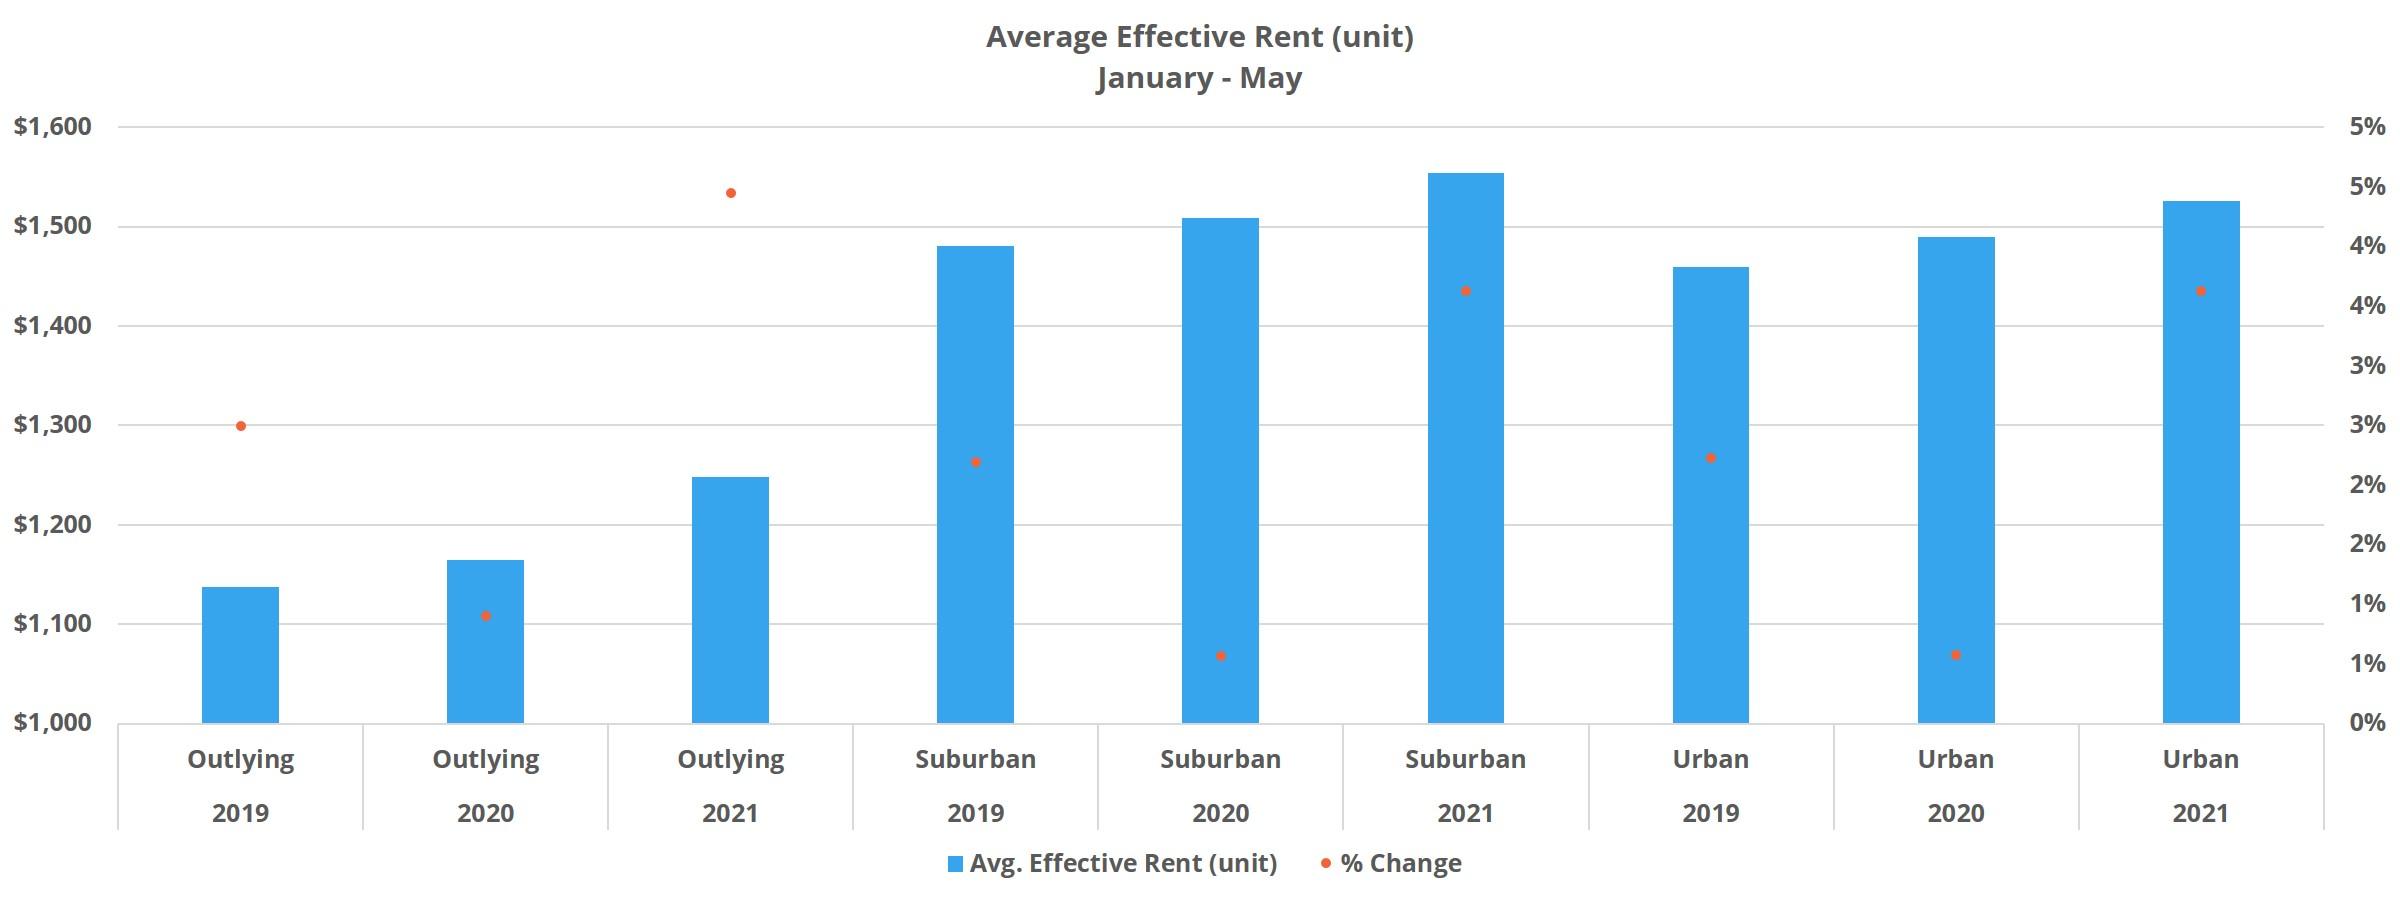 Average Effective Rent (unit)